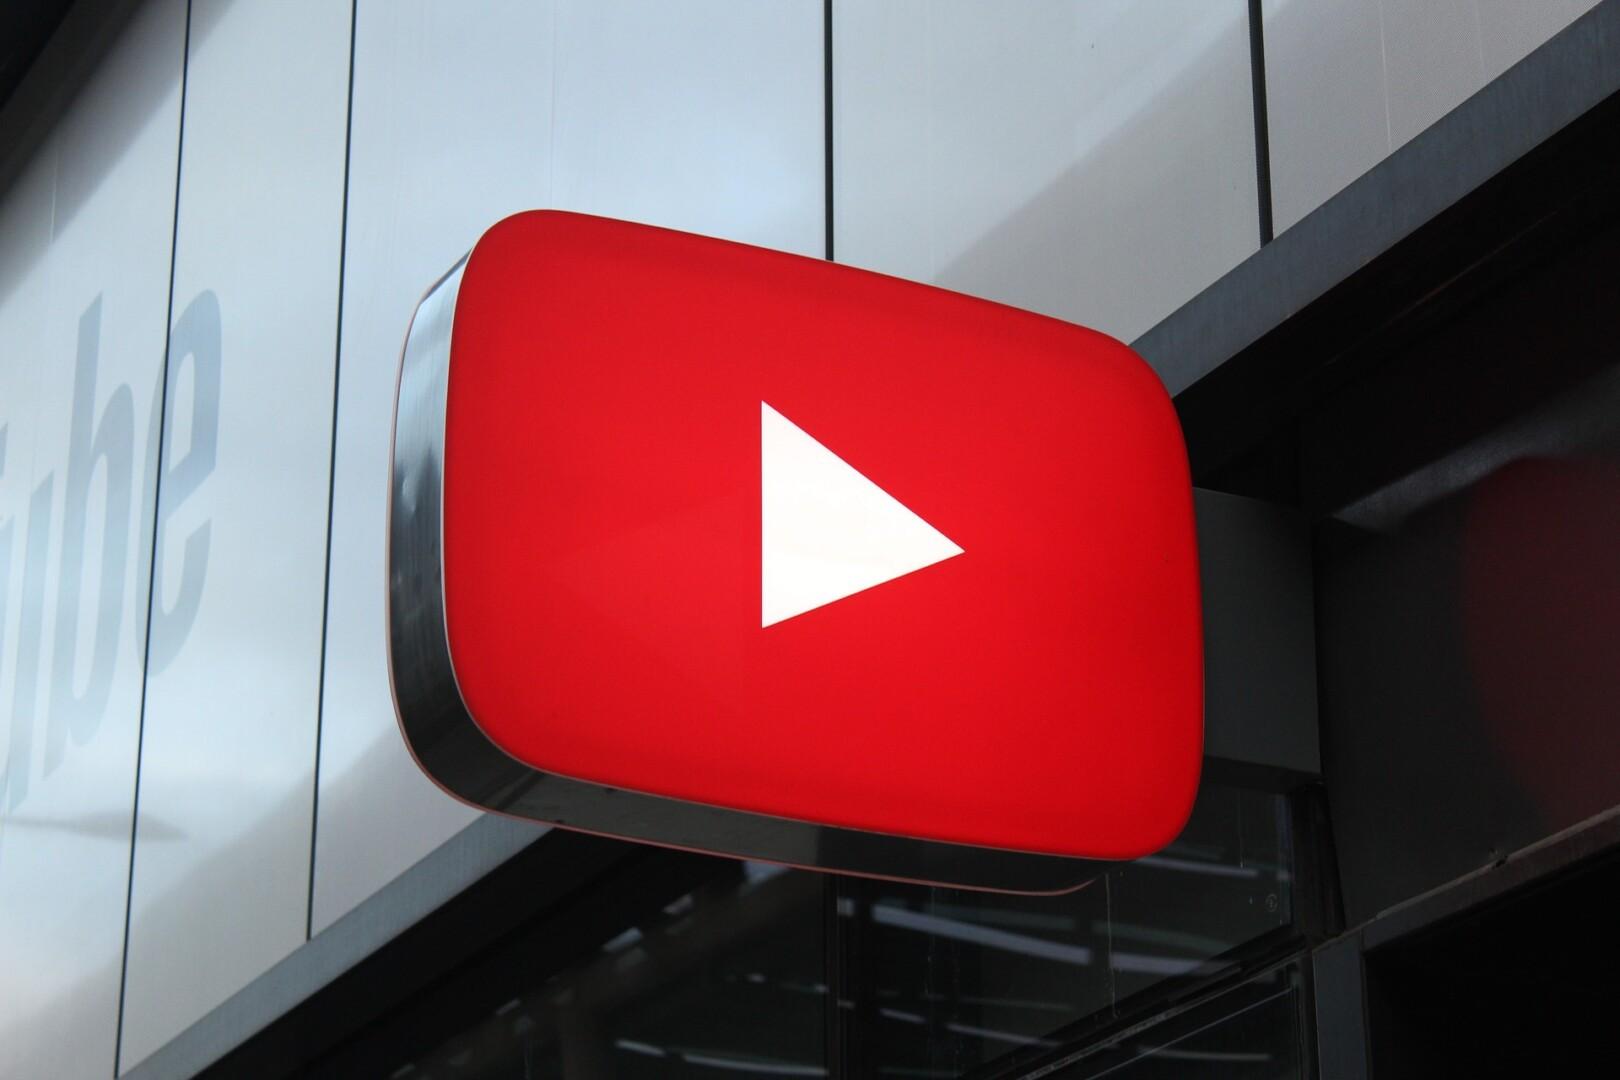 企業がYouTube公式チャンネルを開設するメリットと課題